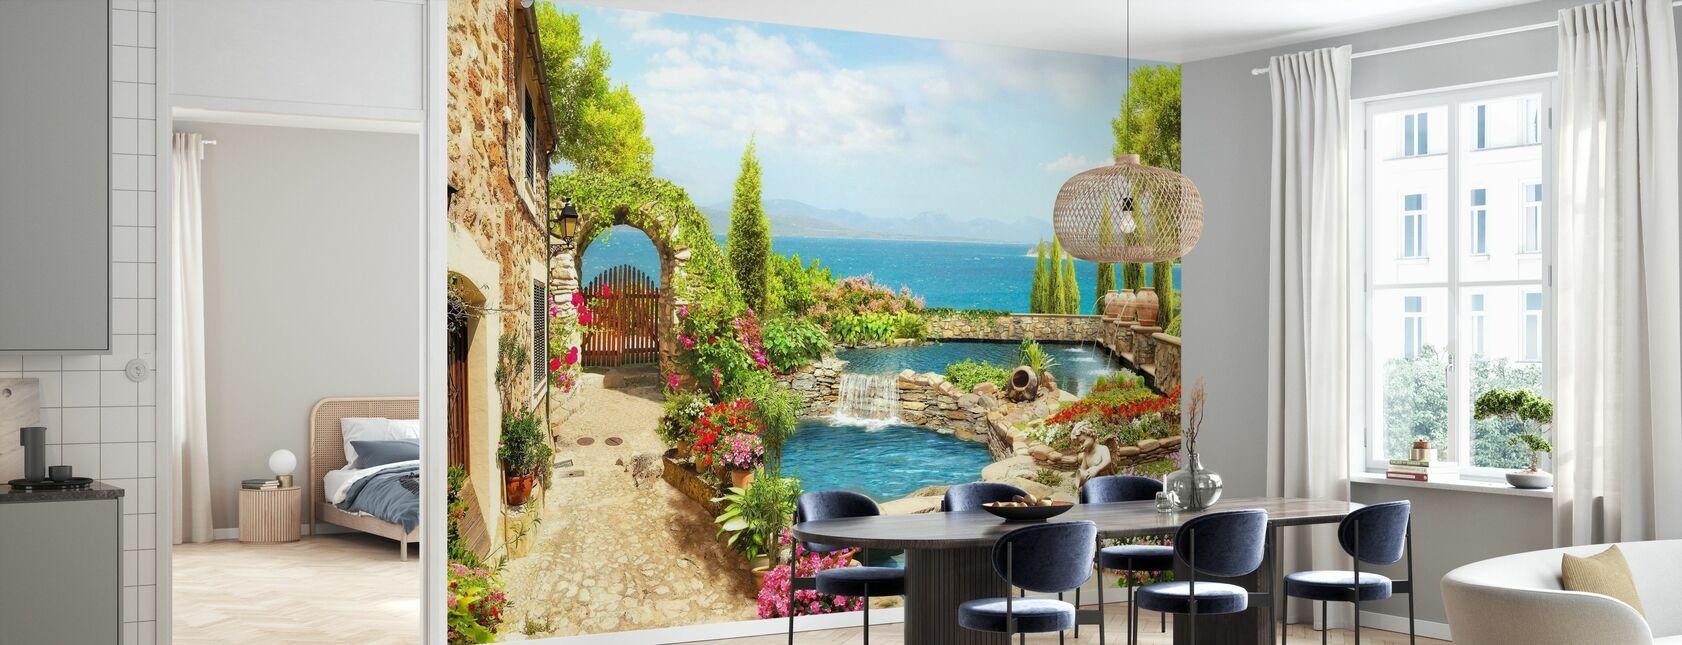 Landscape Garden - Wallpaper - Kitchen